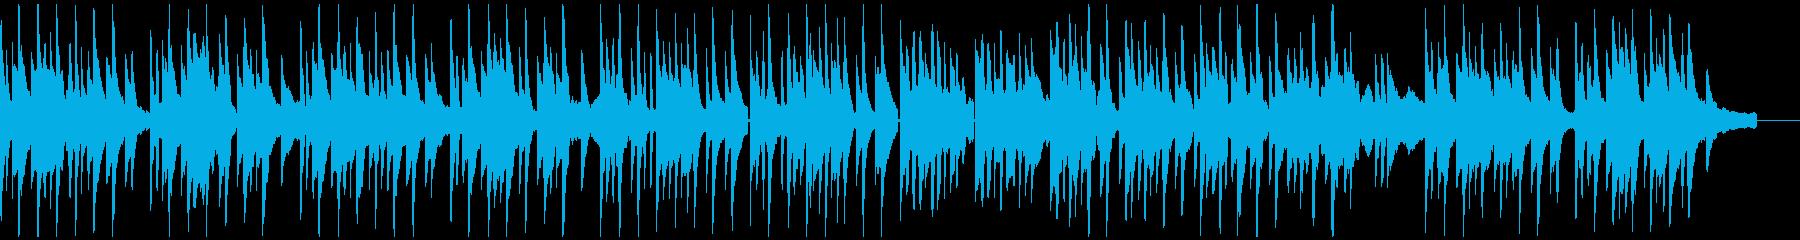 メランコリックなピアノソロの再生済みの波形